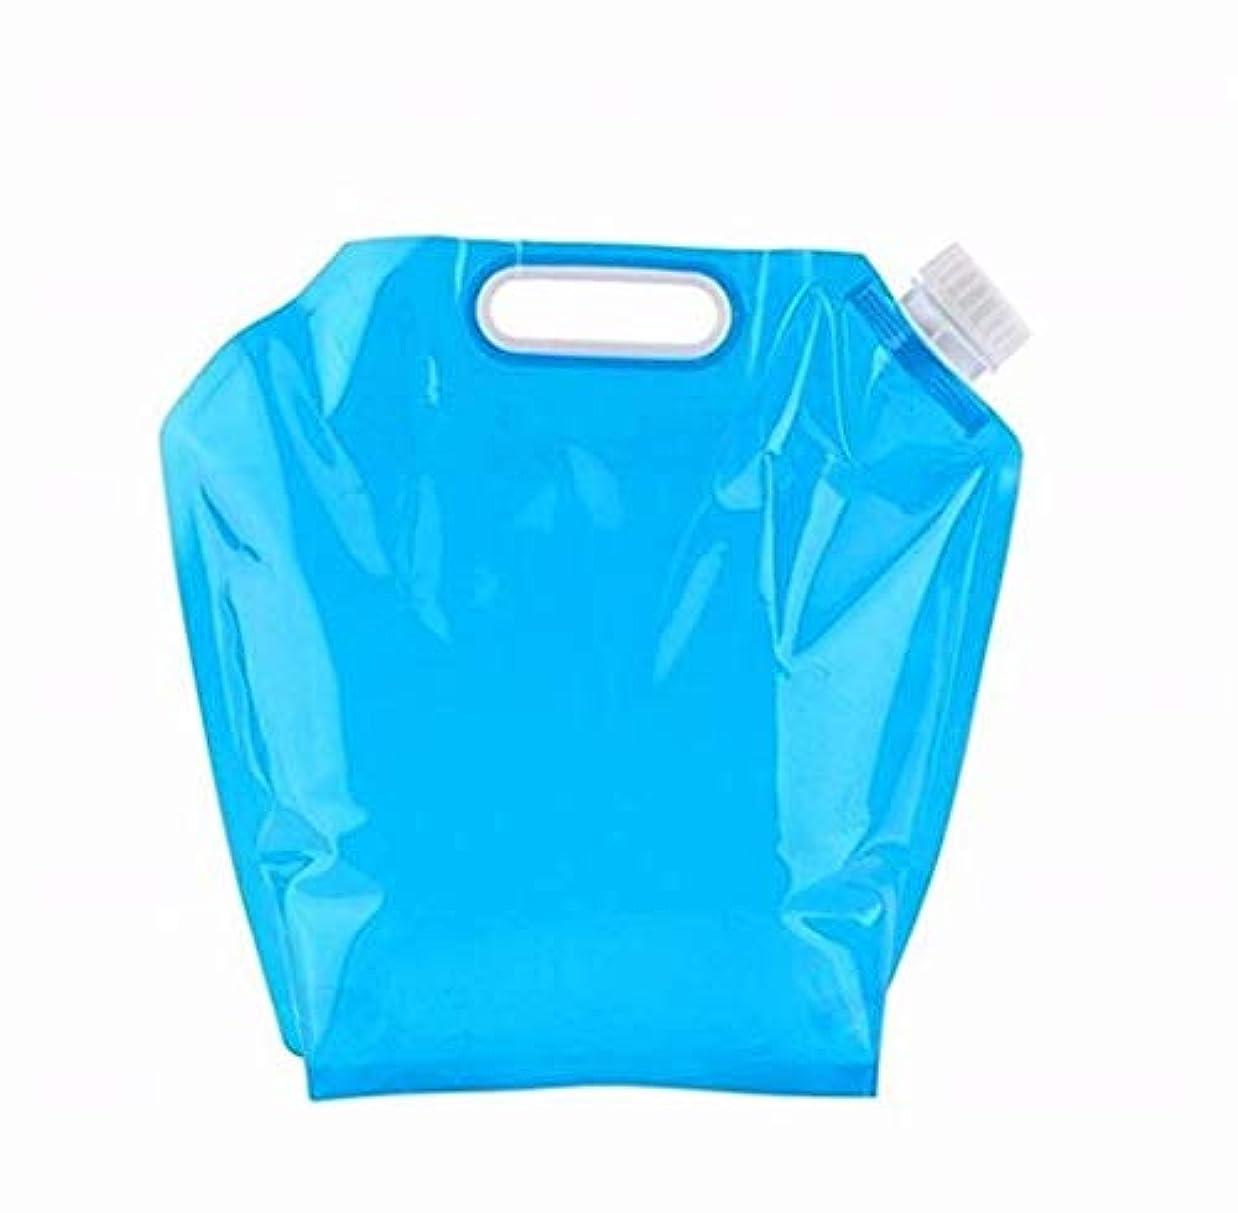 干渉するスリム寛解七里の香 ウォーターバック 給水袋 折りたたみ ポータブル ハンドル付き バッグ 5L キャンプ 登山 防災用 5L